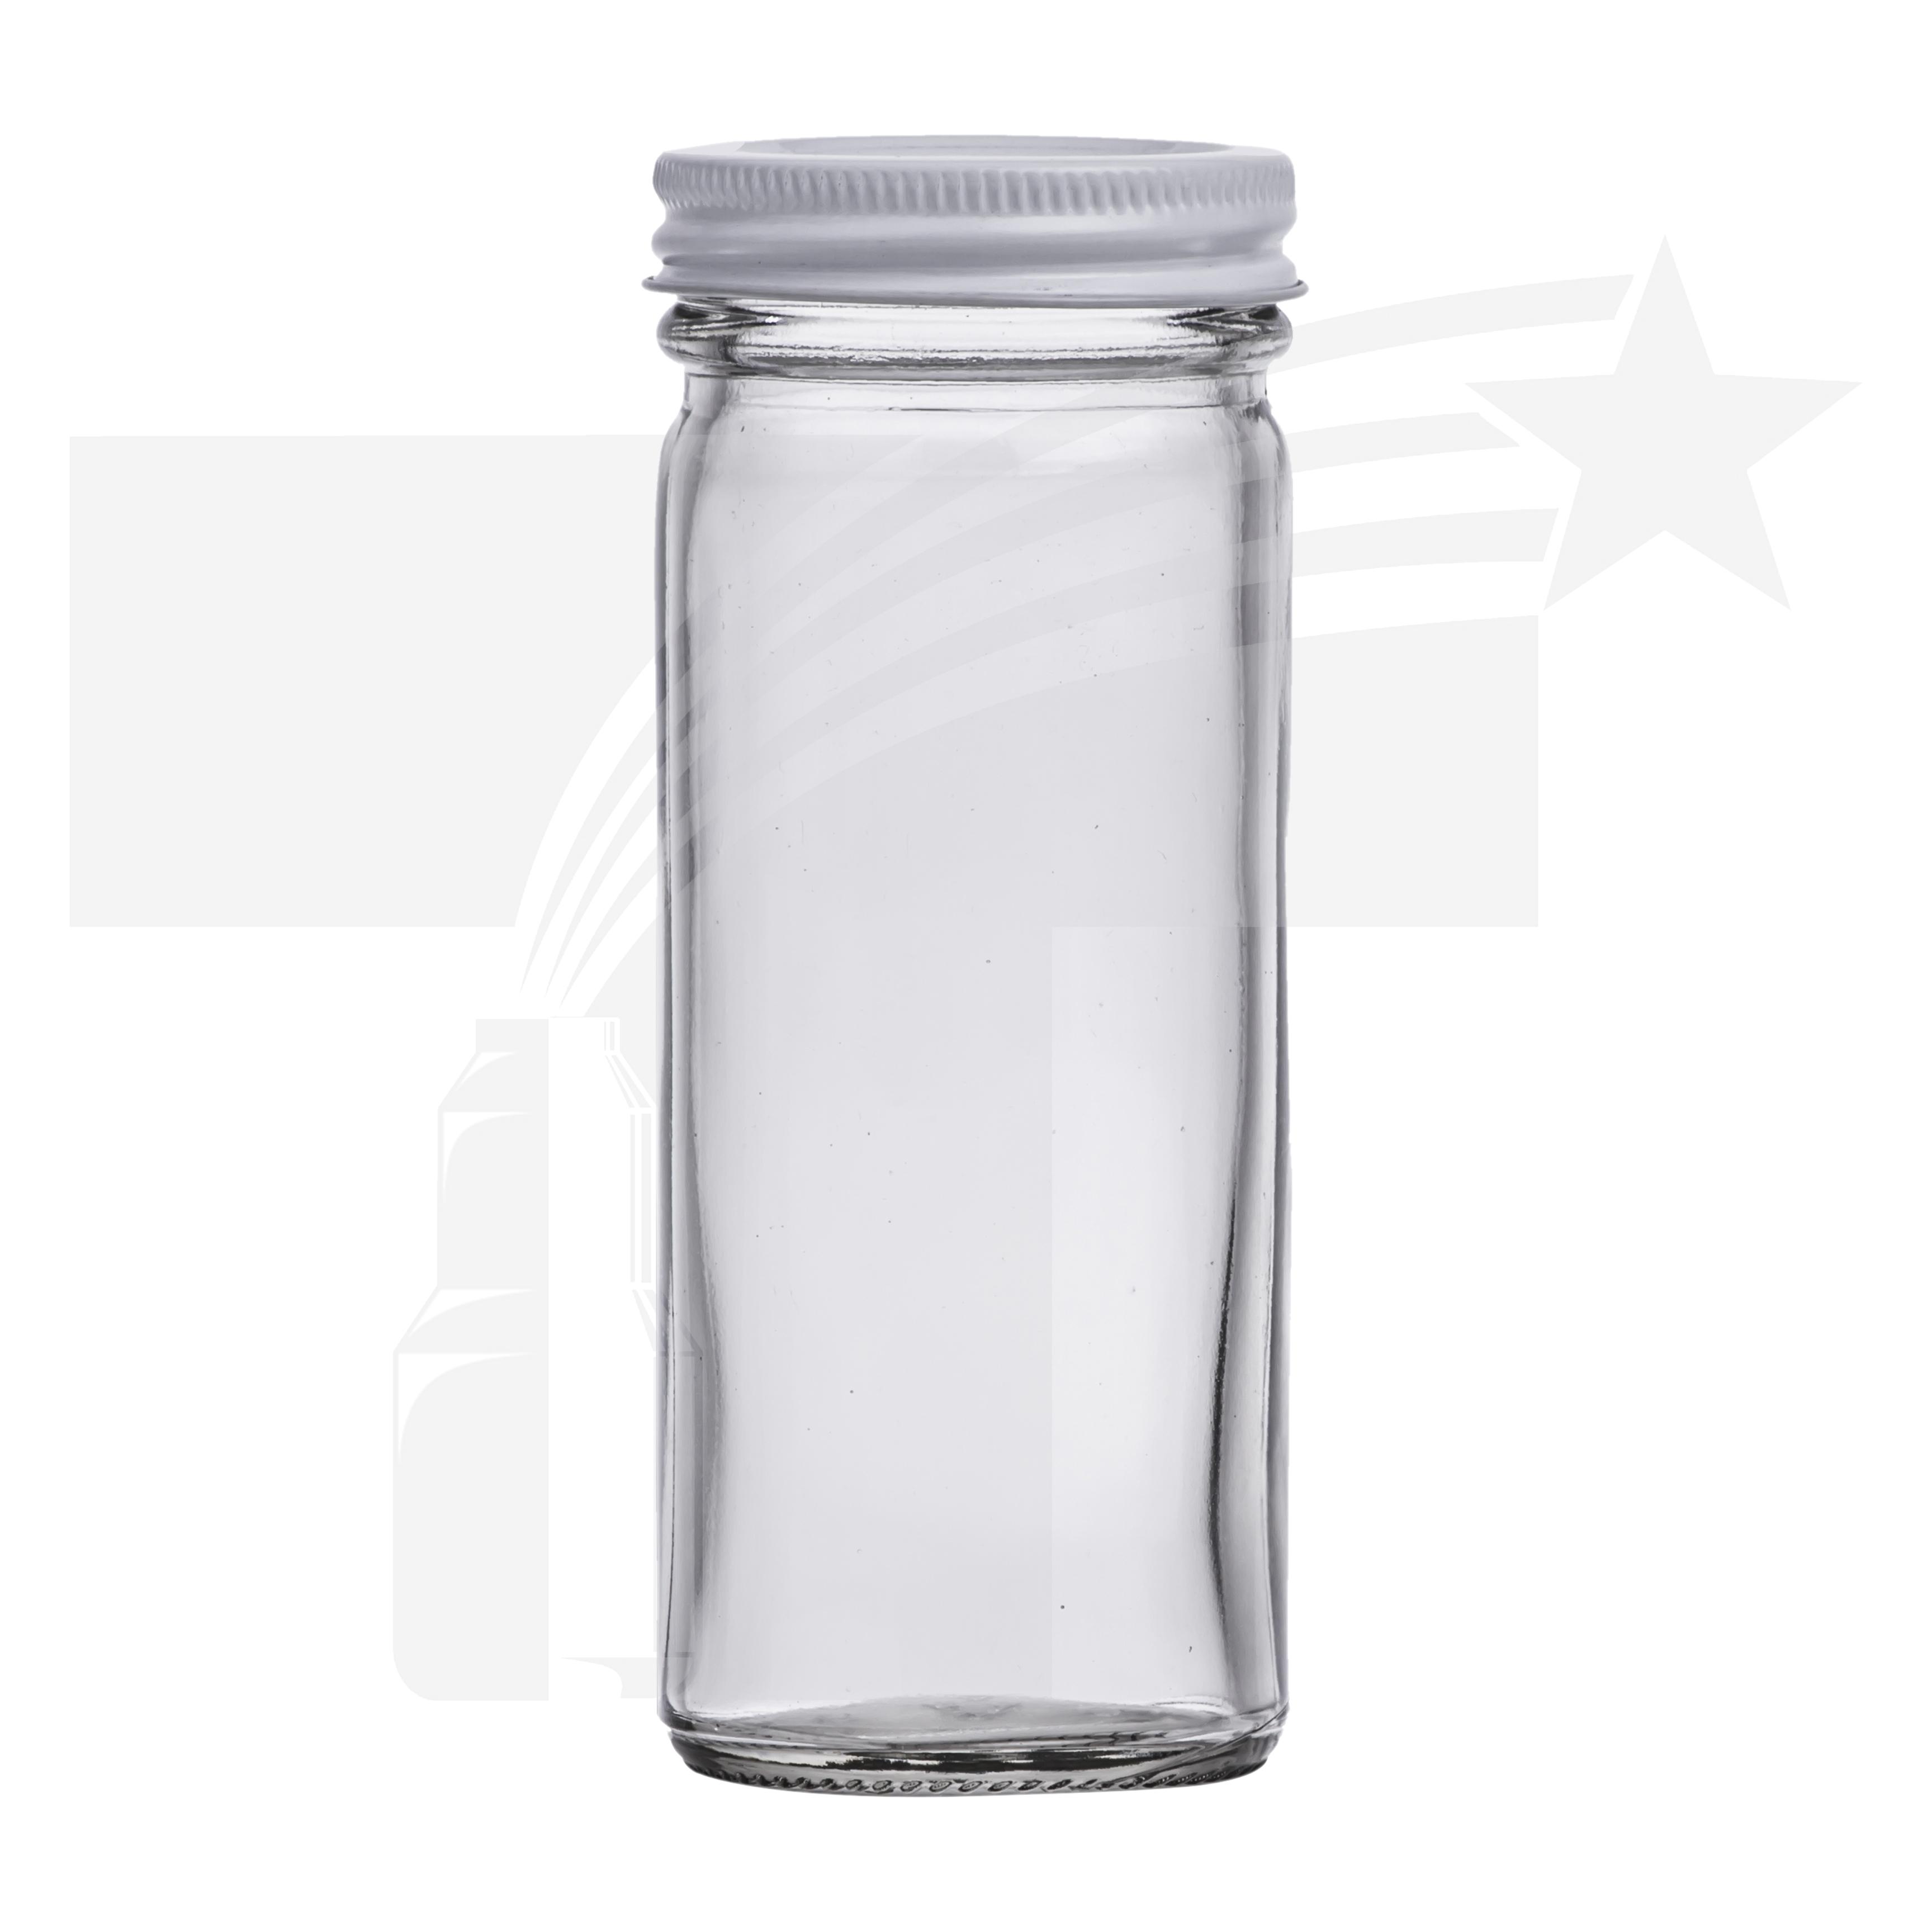 tarro vidrio cilndrico 125 ml r 48 con tapa metlica blanca - Tarros De Vidrio